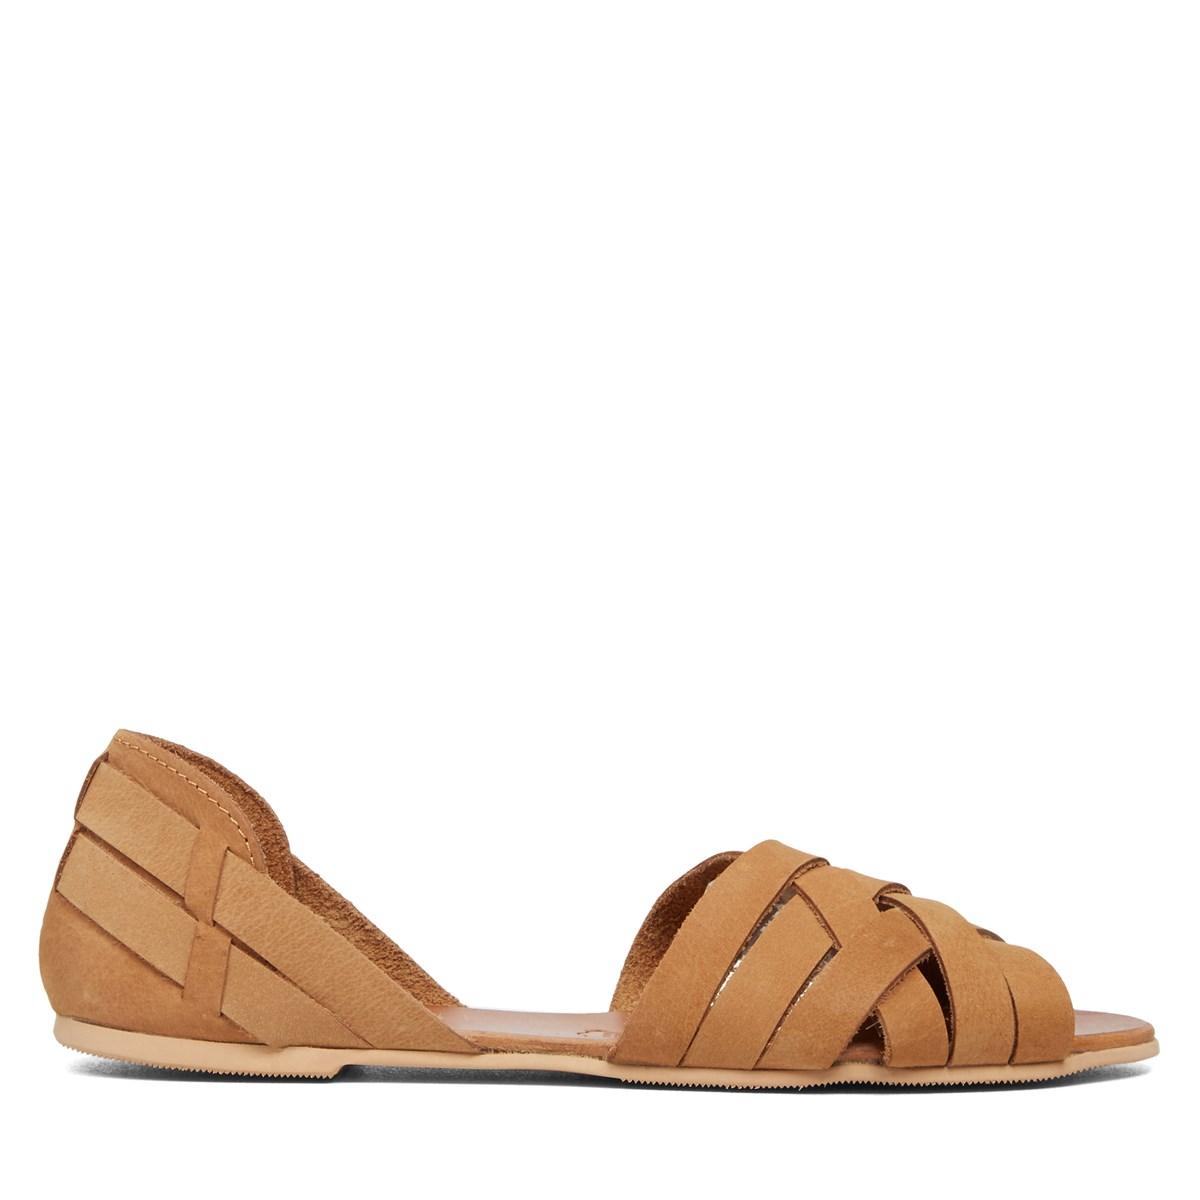 Women's Umaewien Cognac Sandals